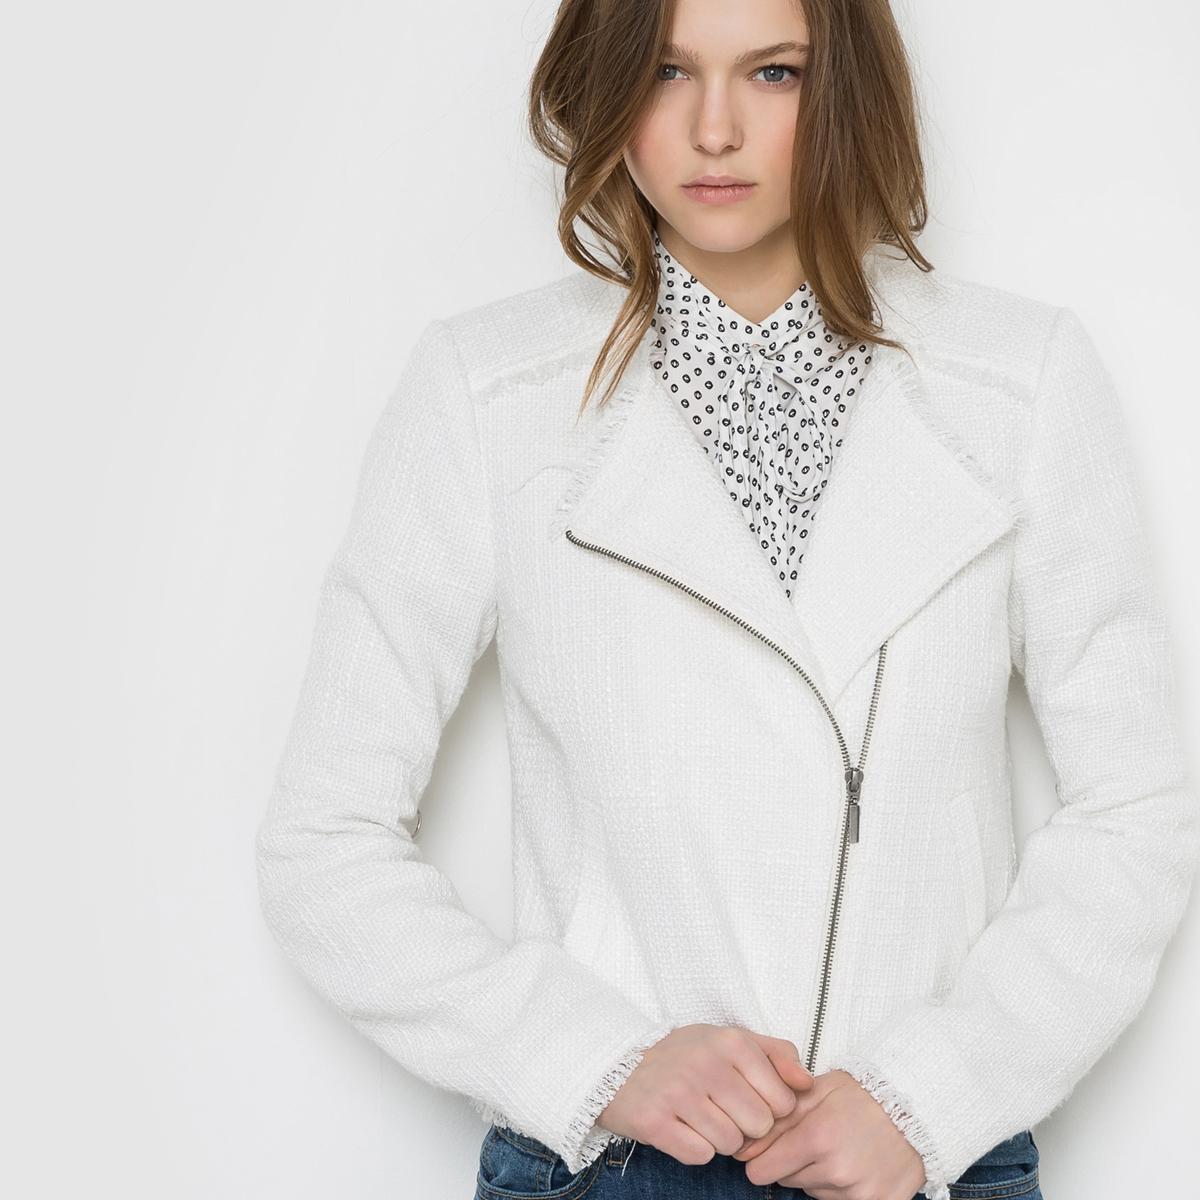 Куртка в байкерском стиле, VERO MODA VMBOOMER SHORT JACKETСостав и описание:   Материал : 52% хлопка, 48% полиэстера  Марка : VERO MODA.<br><br>Цвет: белый,оранжевый